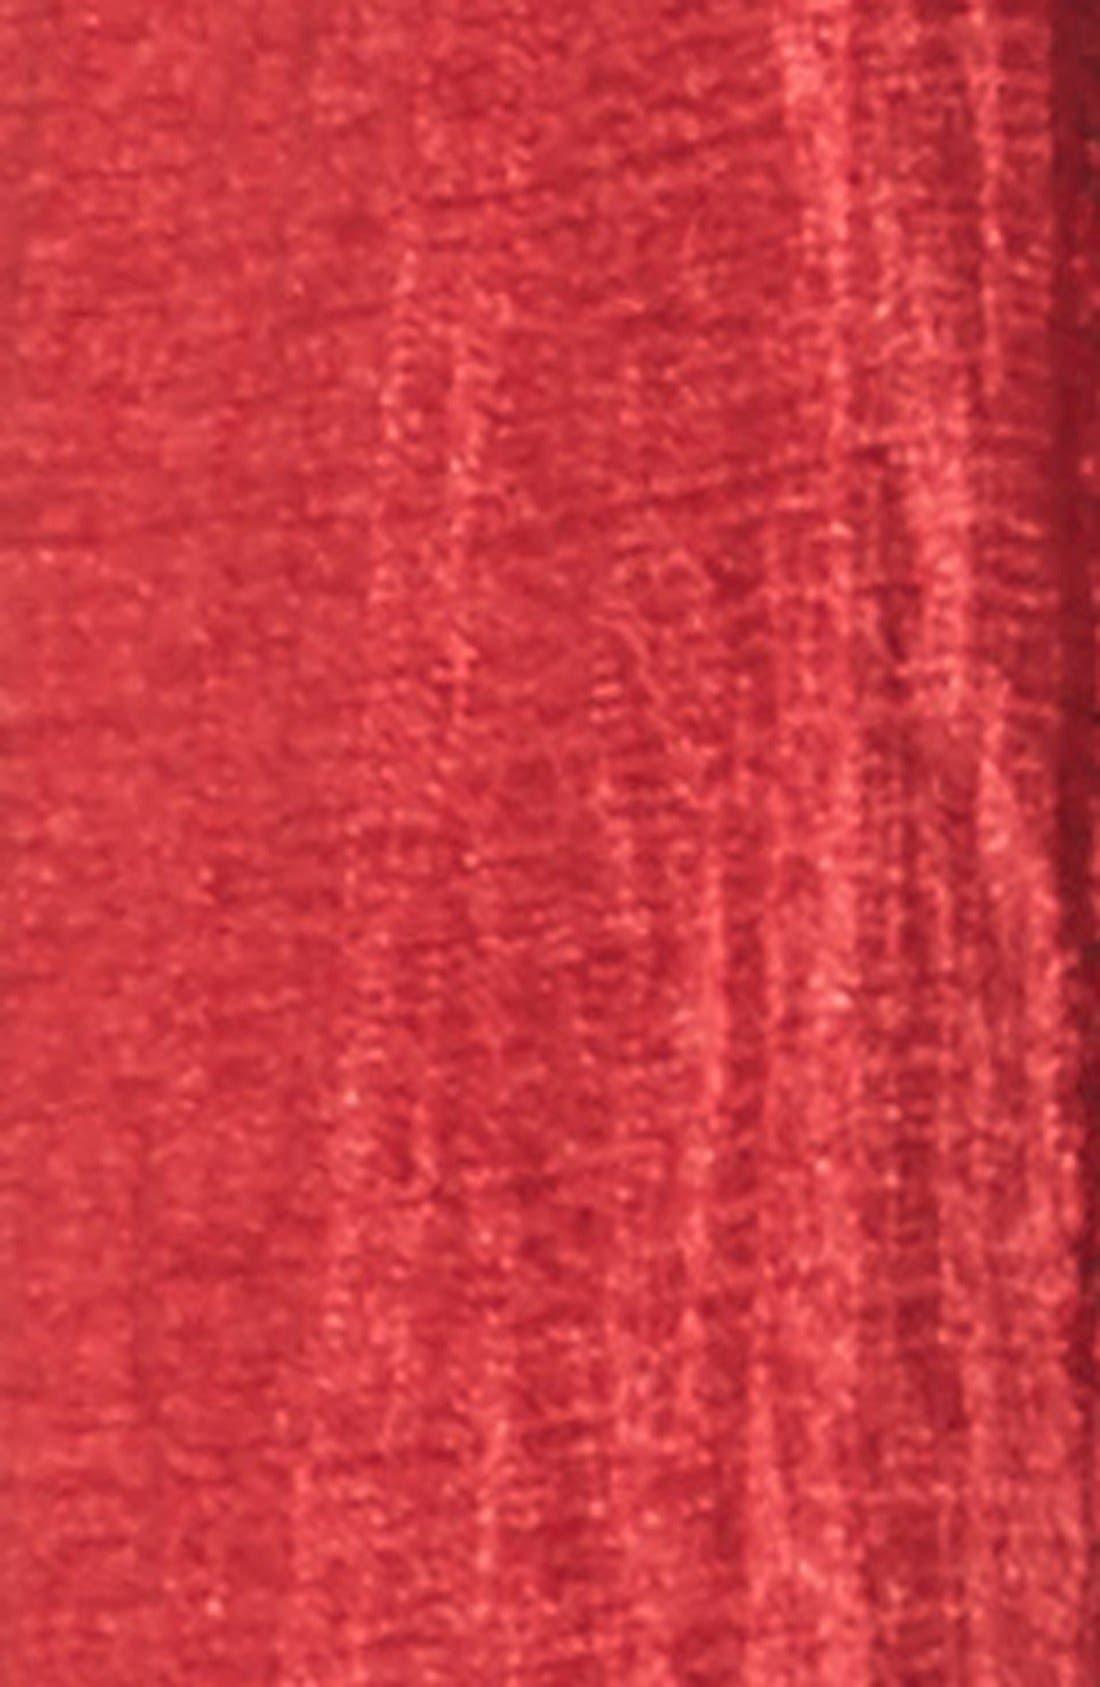 Alternate Image 2  - Echo 'Radiance' Eyelash Fringe Wrap